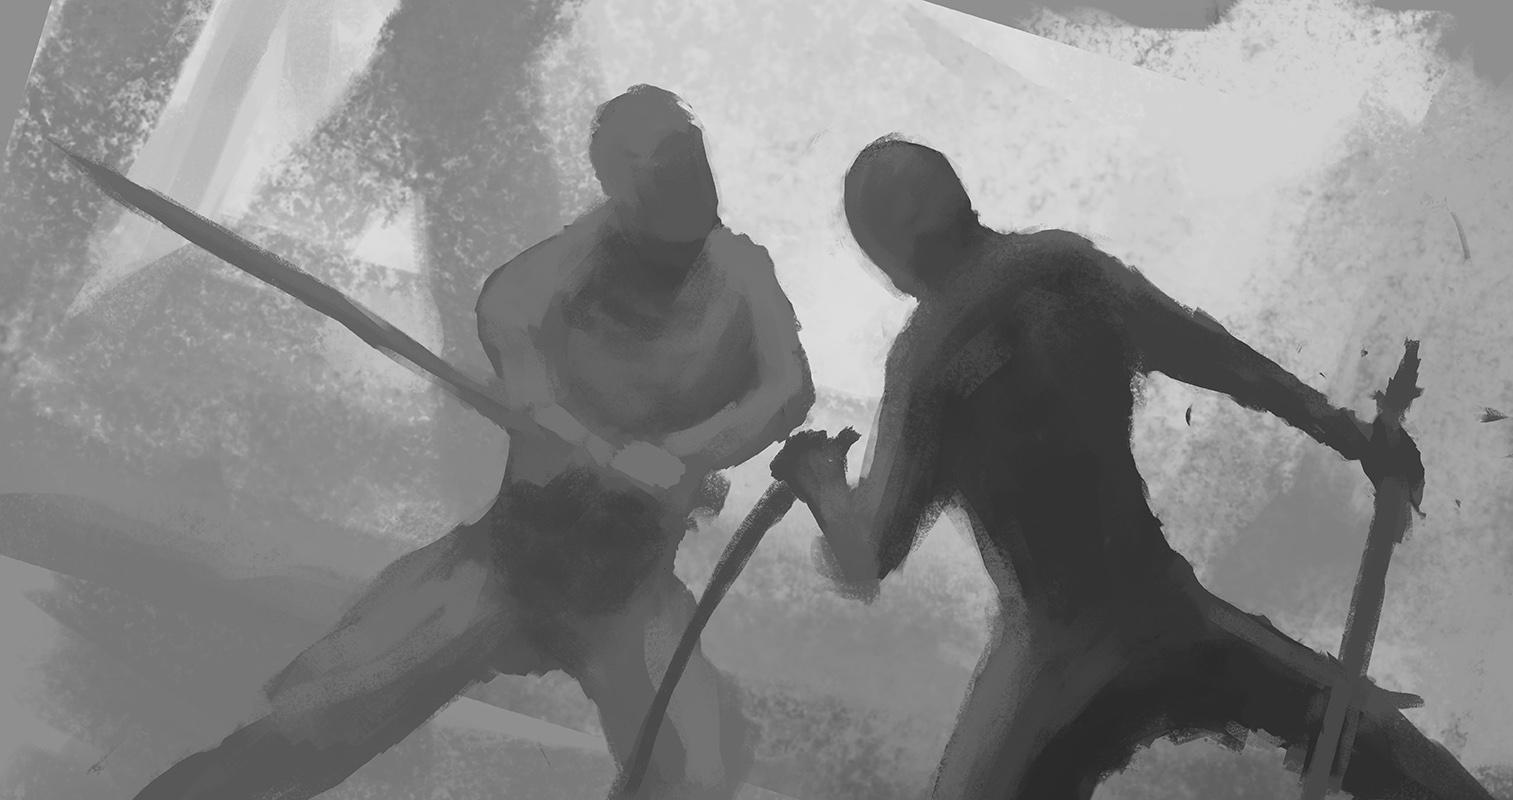 RenderRu - Shadow Fight III 016-003-002.jpg